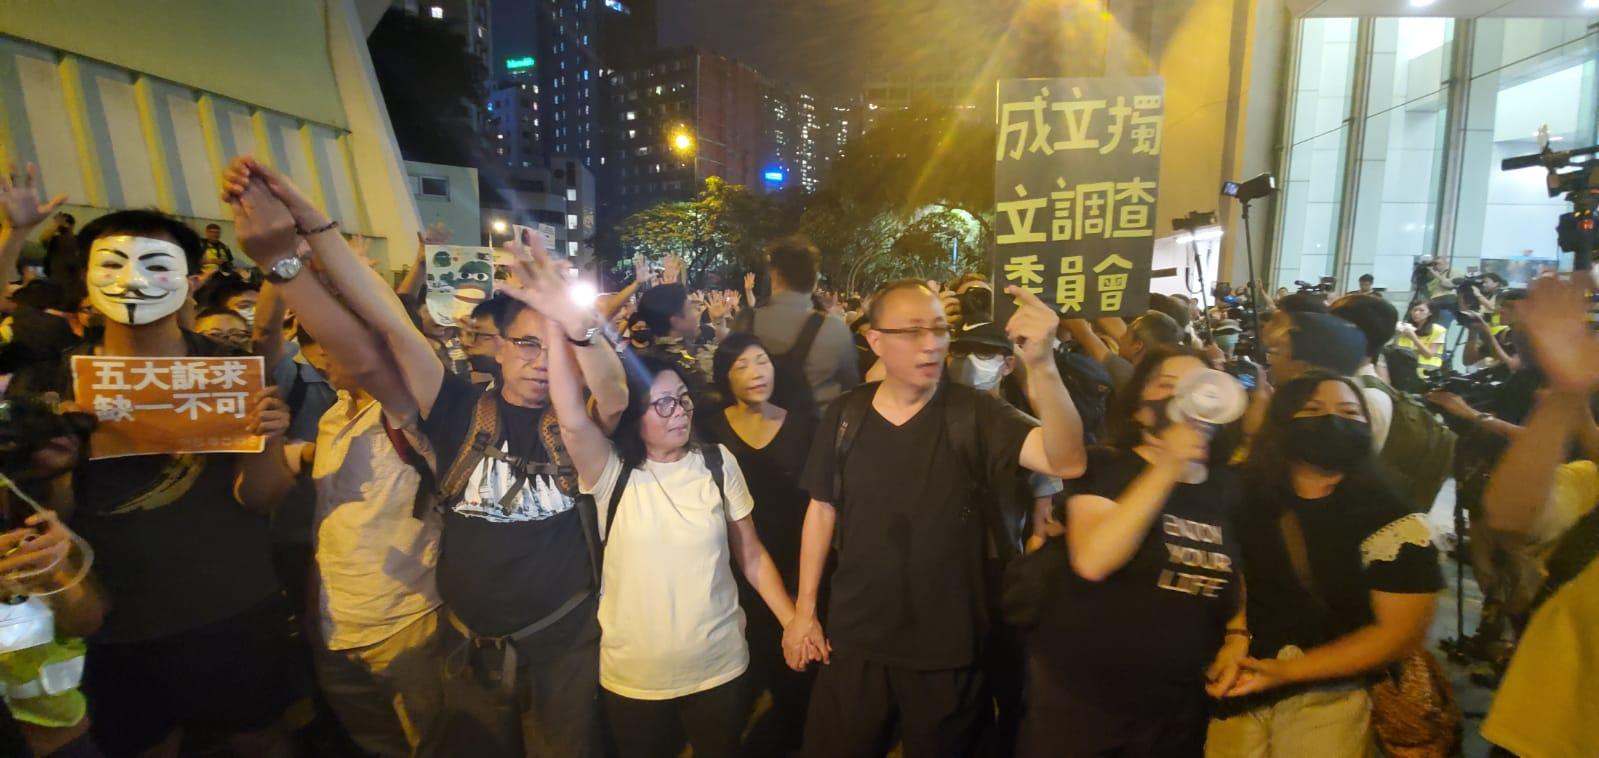 【修例风波】伊馆外不少示威者为中年人 社民连促林郑兑现承诺下台